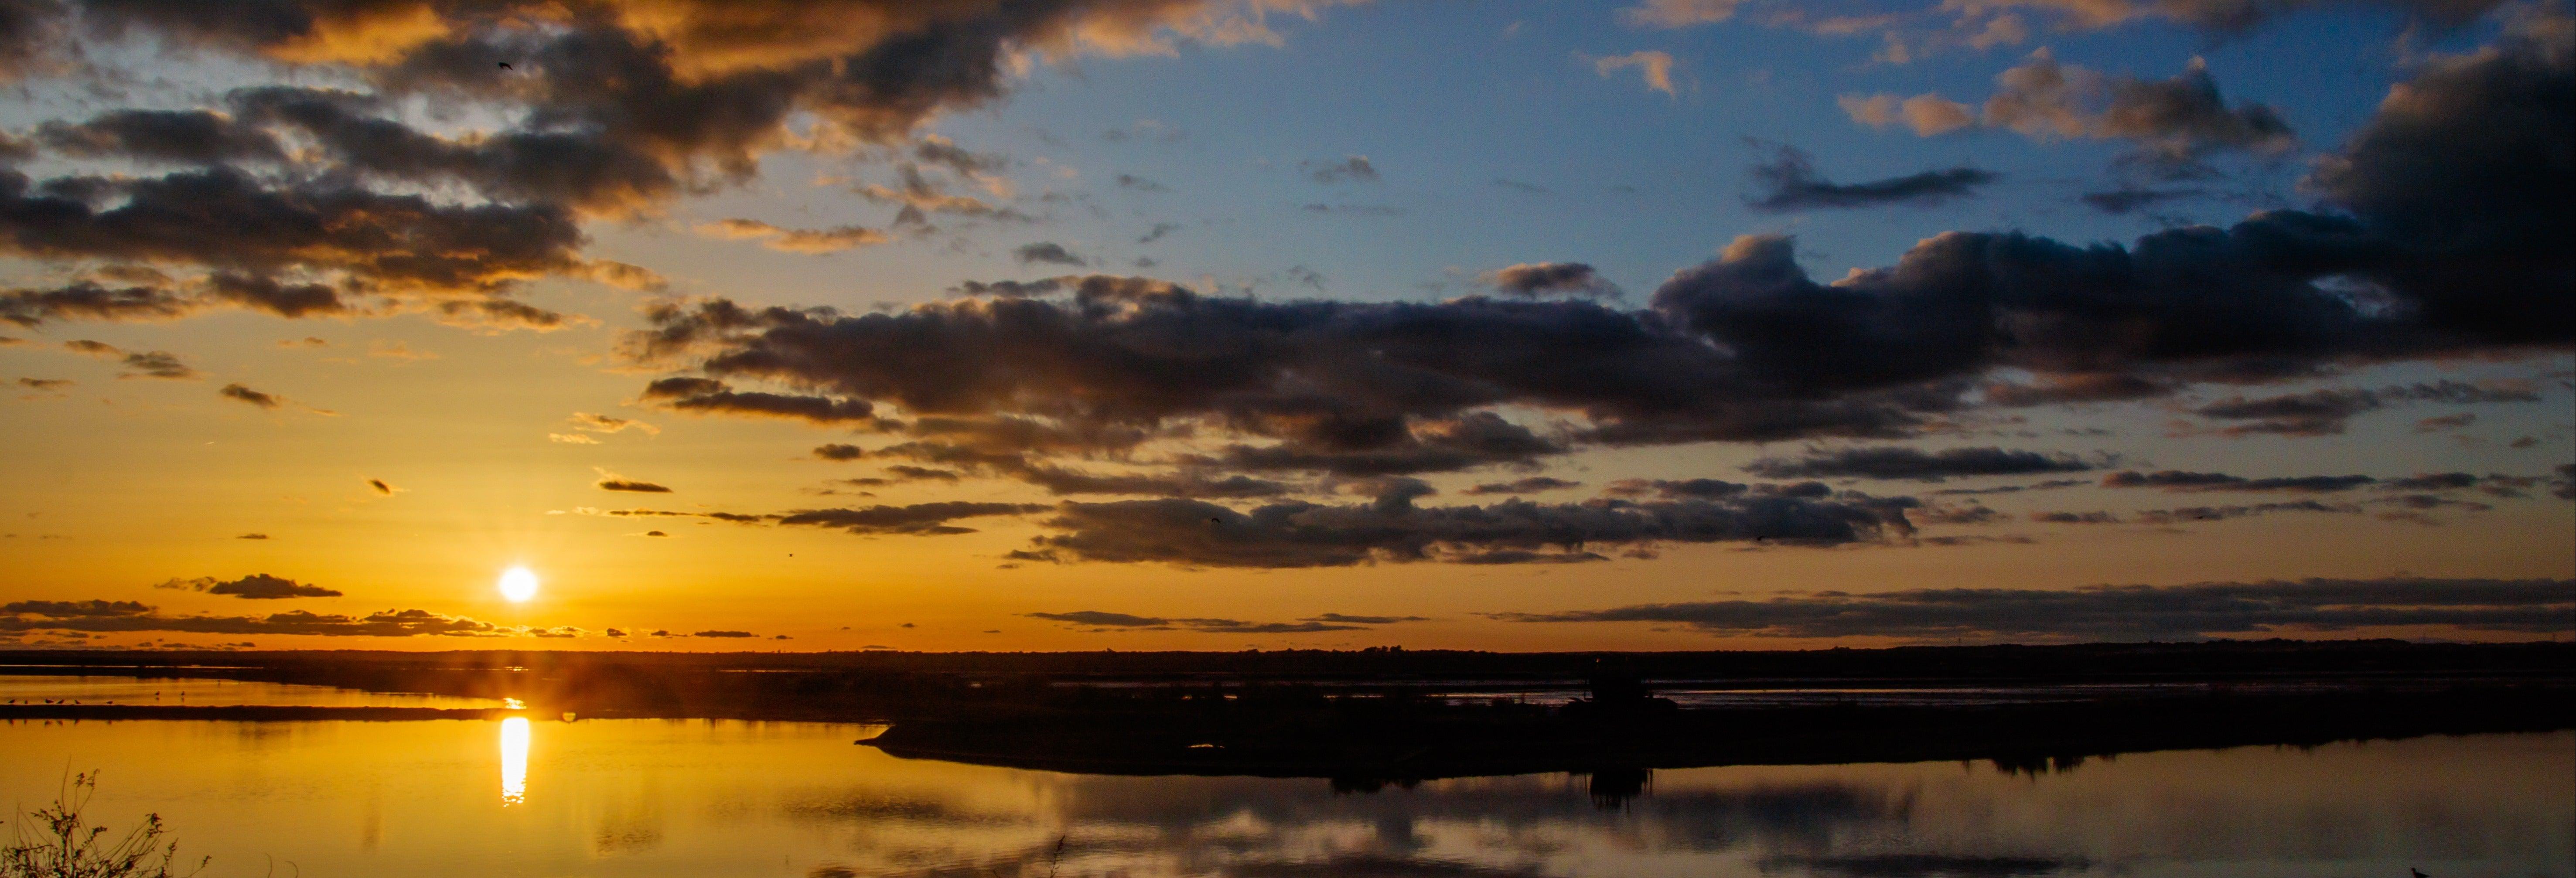 Crociera sull'estuario di Punta Umbría al tramonto